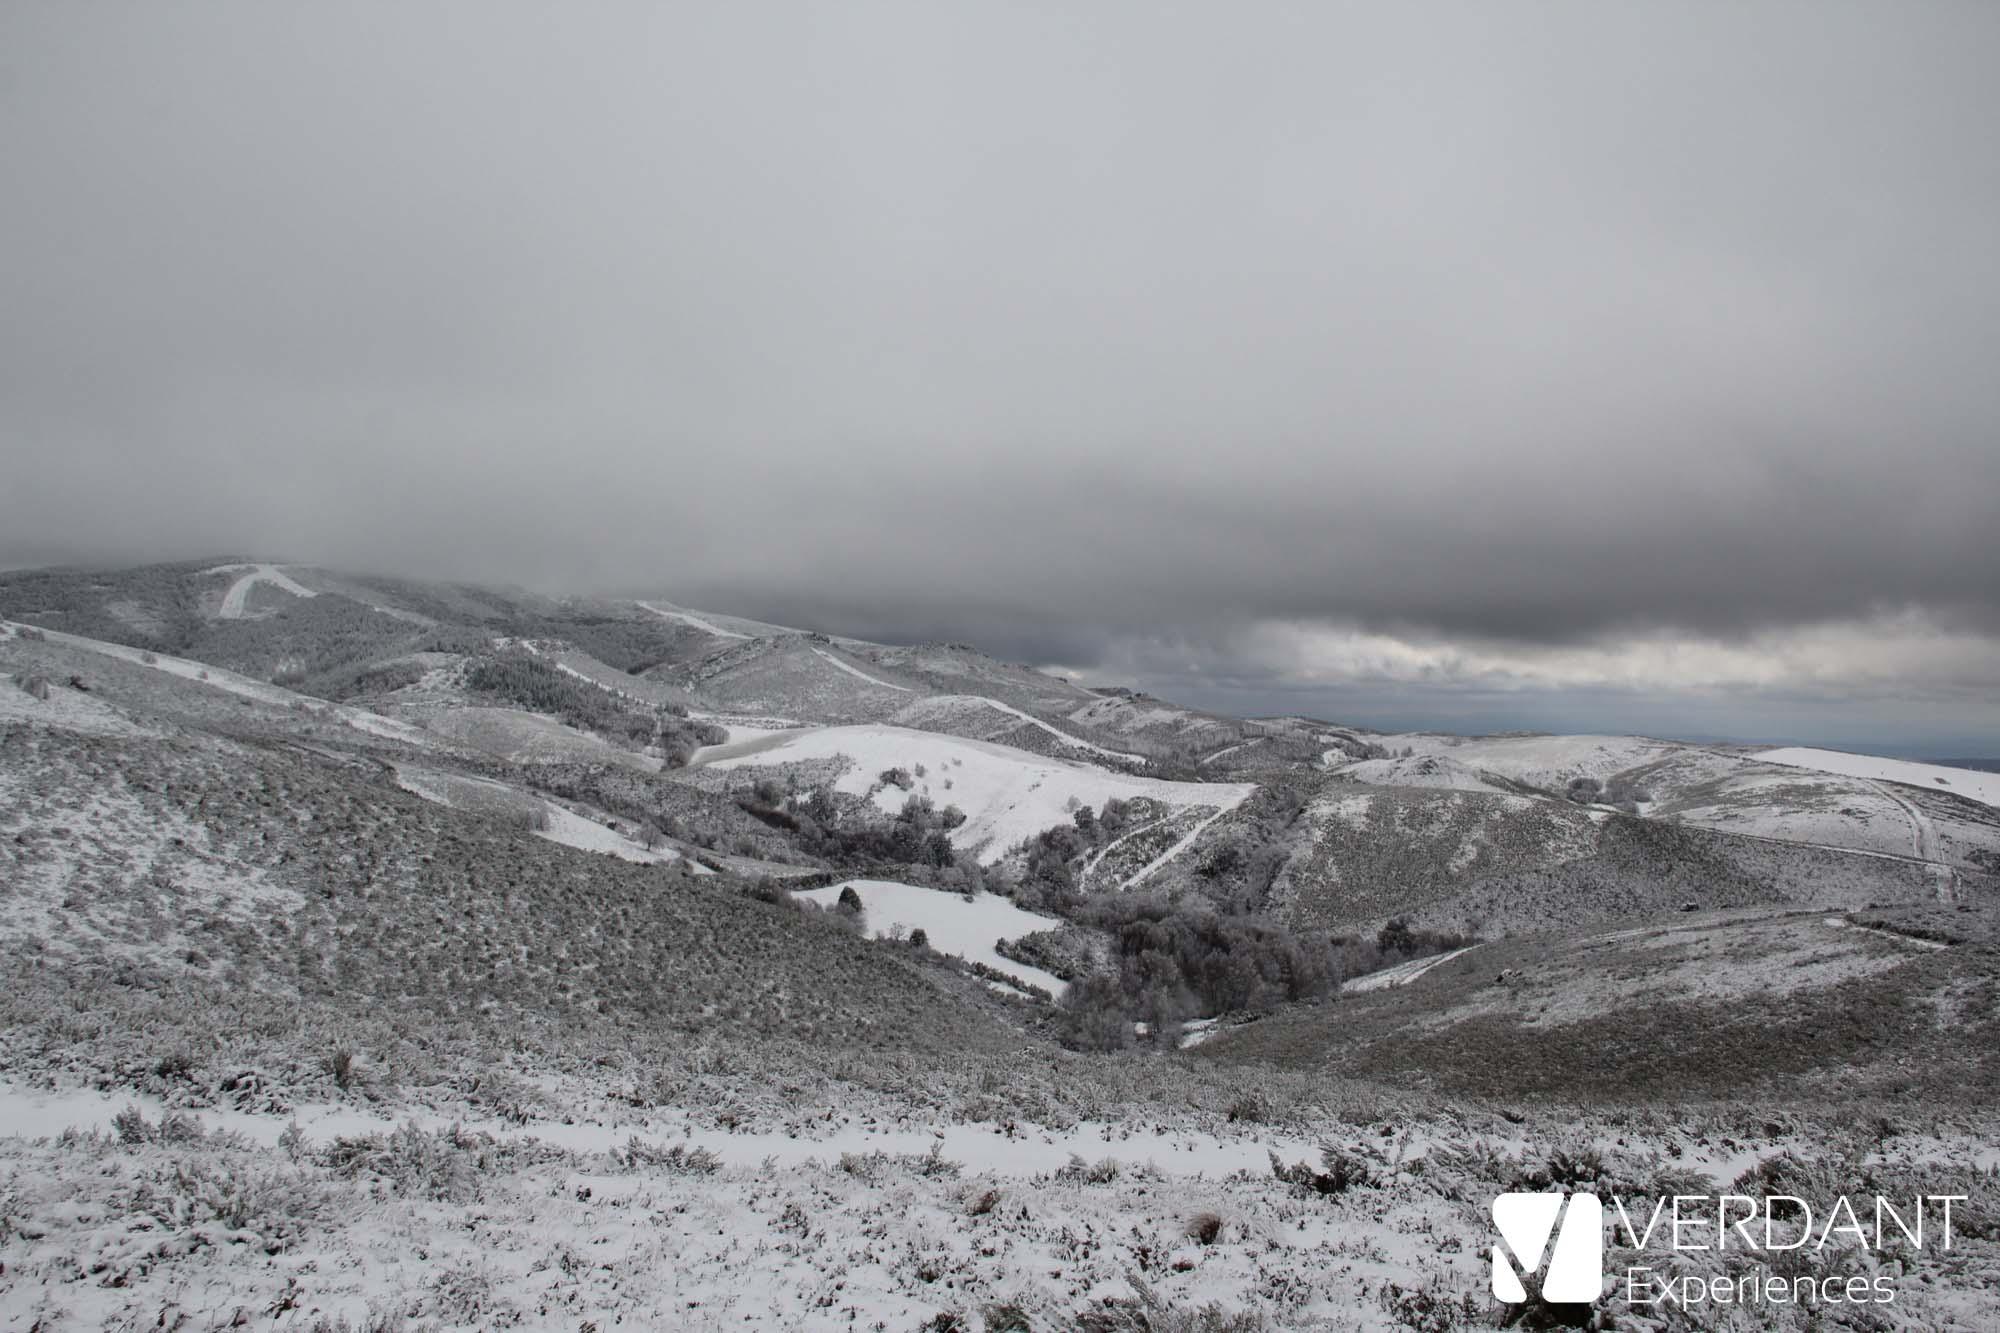 Bidueiral de Montederramo: nieve en el bosque de abedules más meridional de Europa